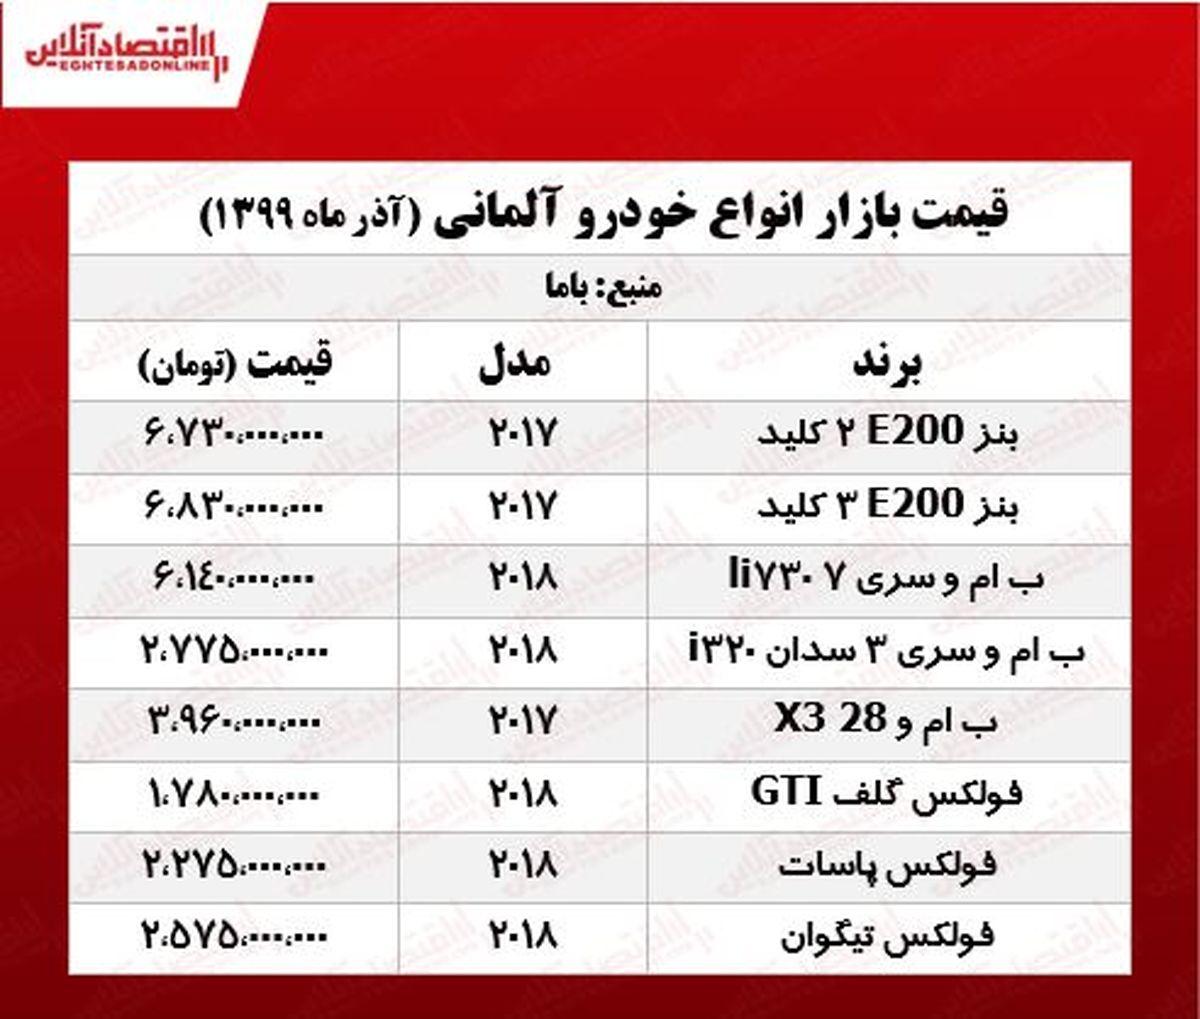 قیمت خودروهای آلمانی در بازار تهران +جدول